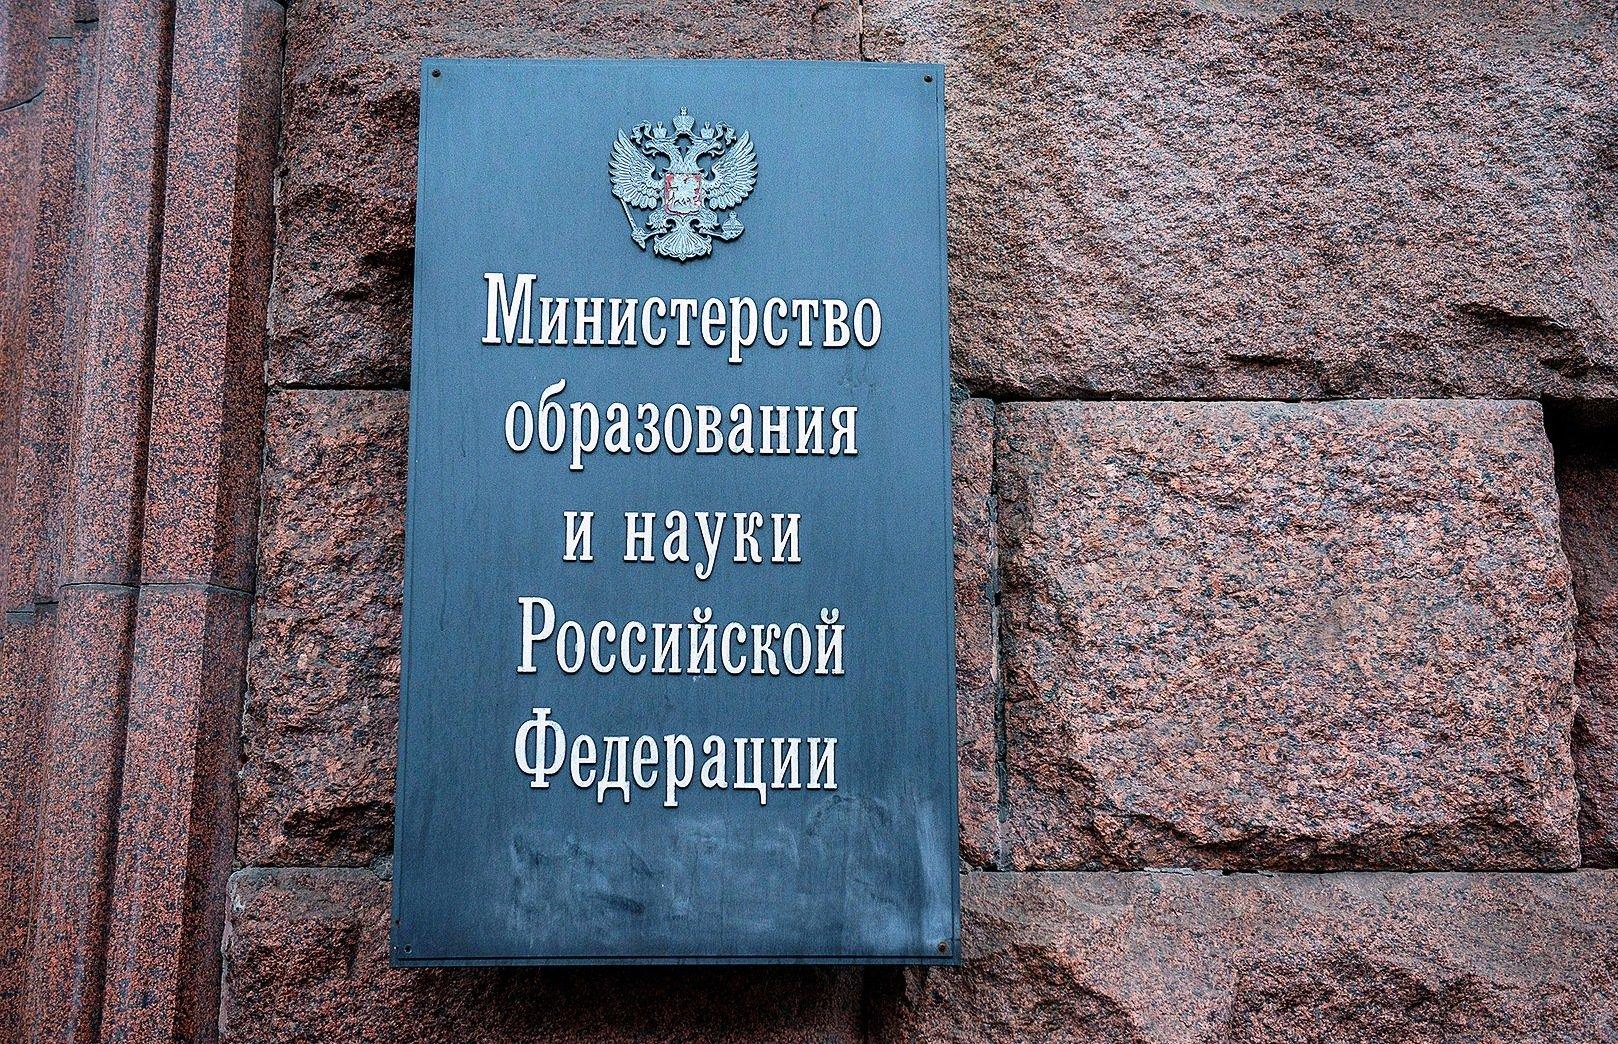 Минобрнауки Неуклюжая блокировка Роскомнадзором Telegram срывает научную работу РФ